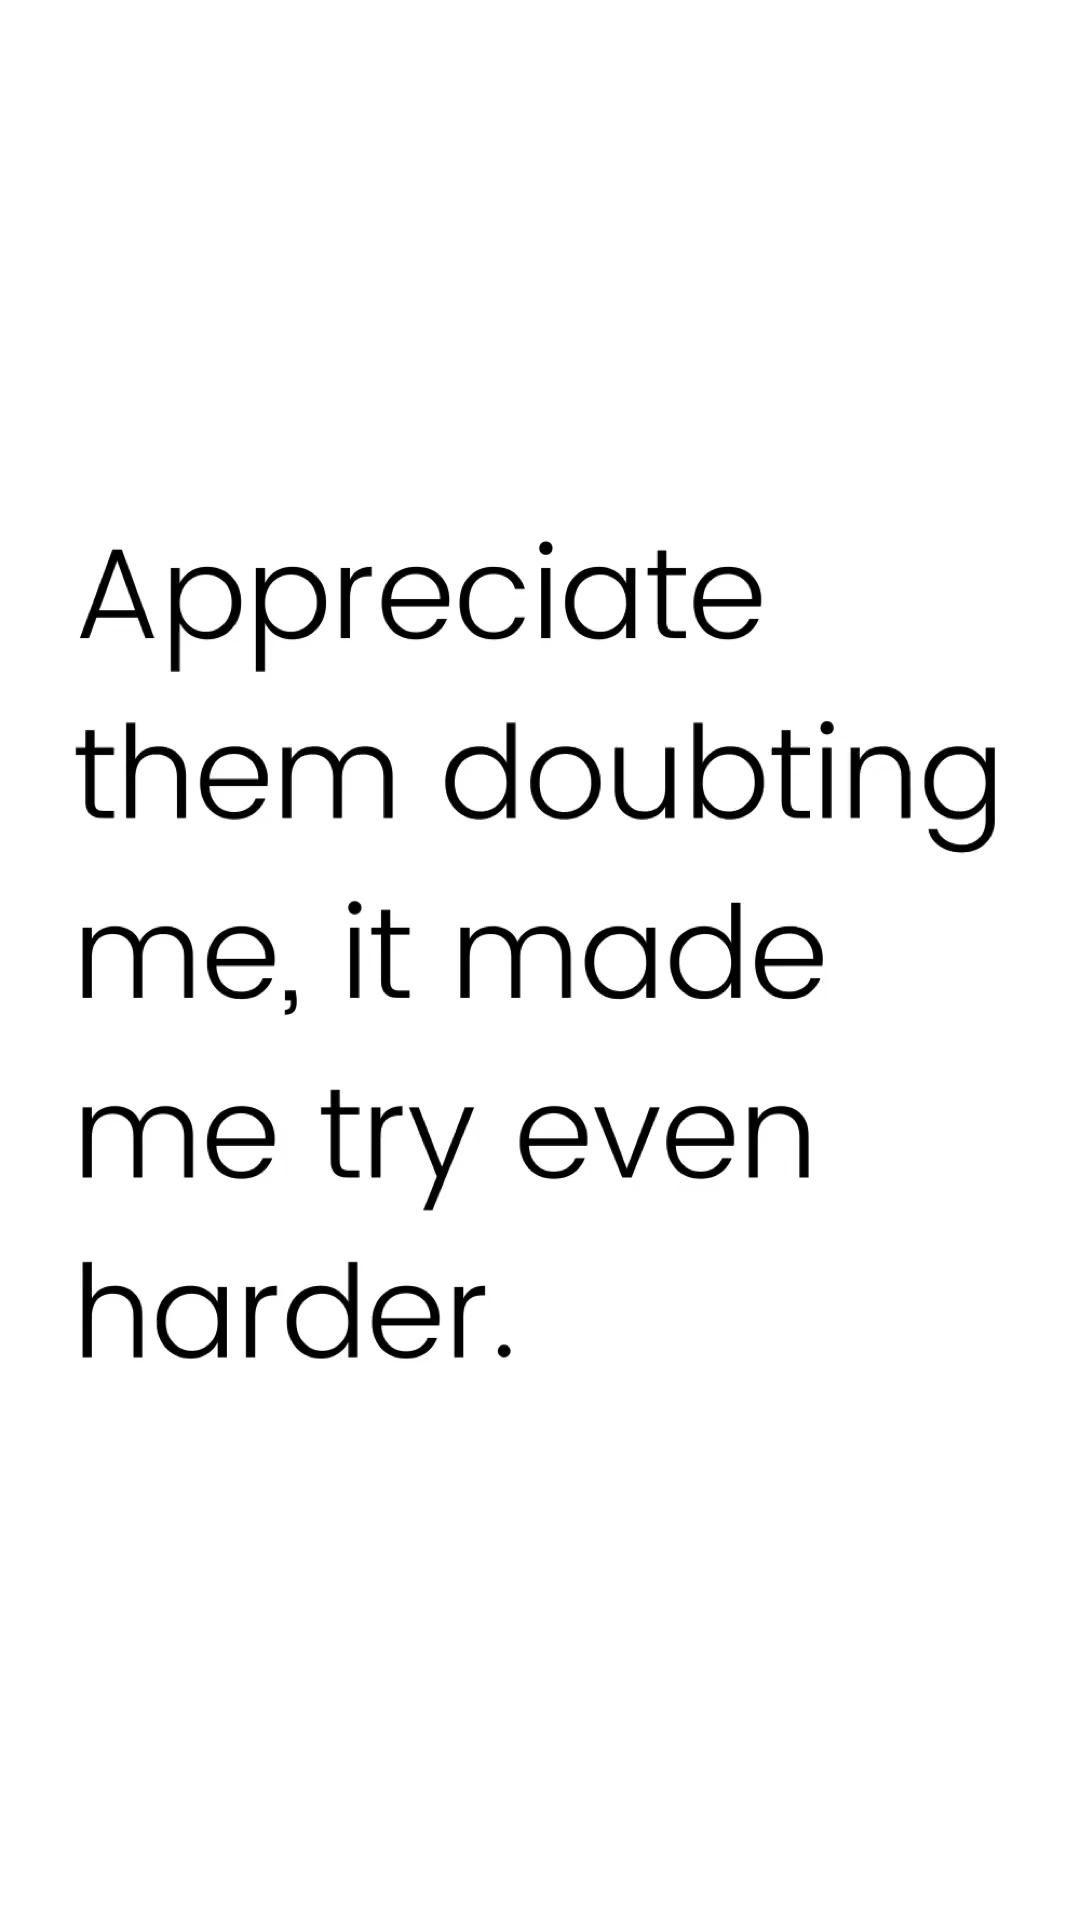 Amazing Motivational Inspirational Quotes